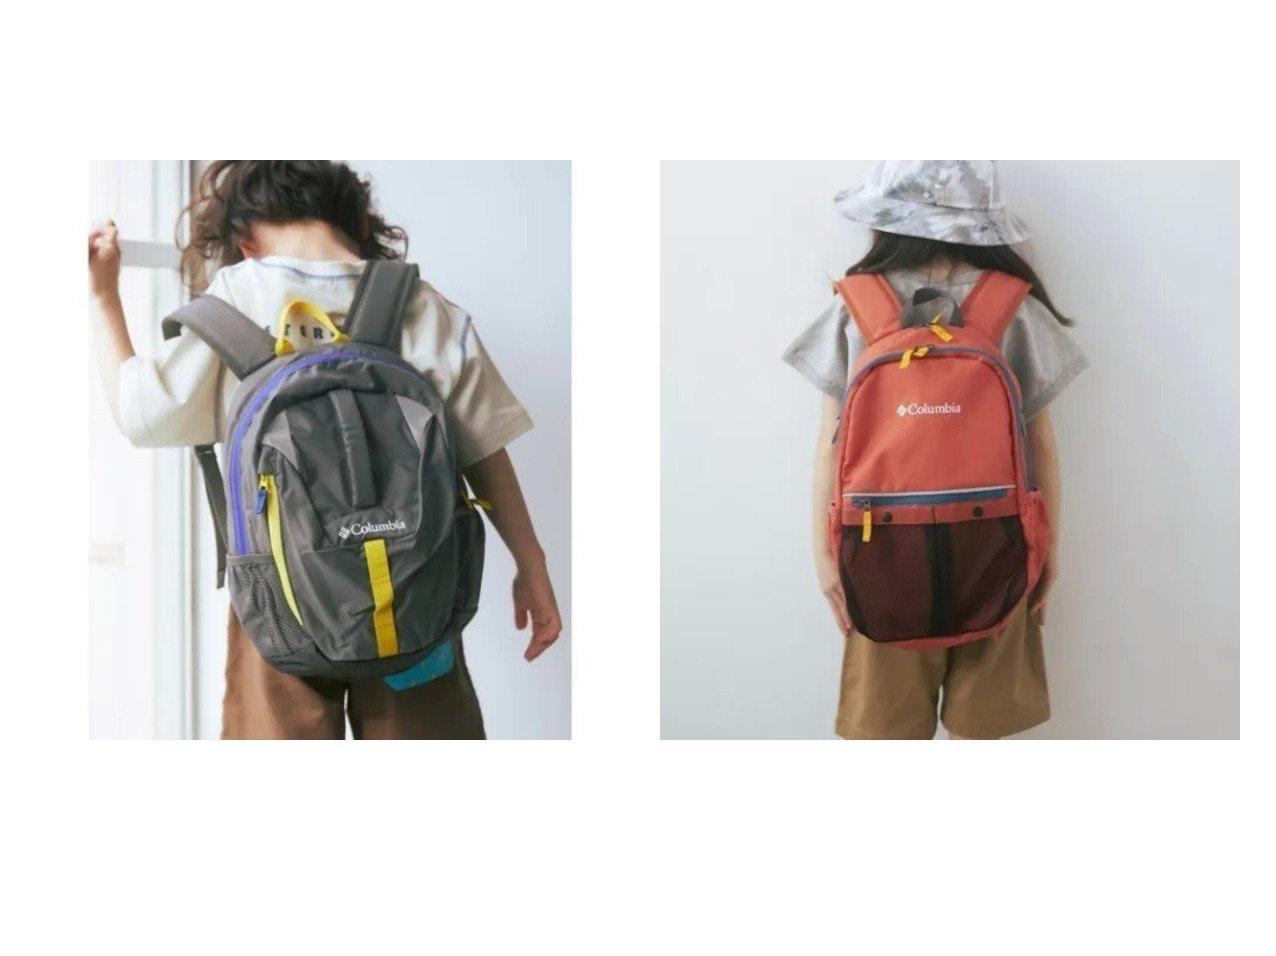 【green label relaxing / UNITED ARROWS / KIDS/グリーンレーベルリラクシング】のColumbia(コロンビア)CRYバックパック 12L&Columbia(コロンビア)PSYバックパック 12L 【KIDS】子供服のおすすめ!人気トレンド・キッズファッションの通販 おすすめで人気の流行・トレンド、ファッションの通販商品 メンズファッション・キッズファッション・インテリア・家具・レディースファッション・服の通販 founy(ファニー) https://founy.com/ ファッション Fashion キッズファッション KIDS アウトドア コンパクト ショルダー ストレッチ スポーツ フロント ポケット メッシュ ラップ クッション |ID:crp329100000030155